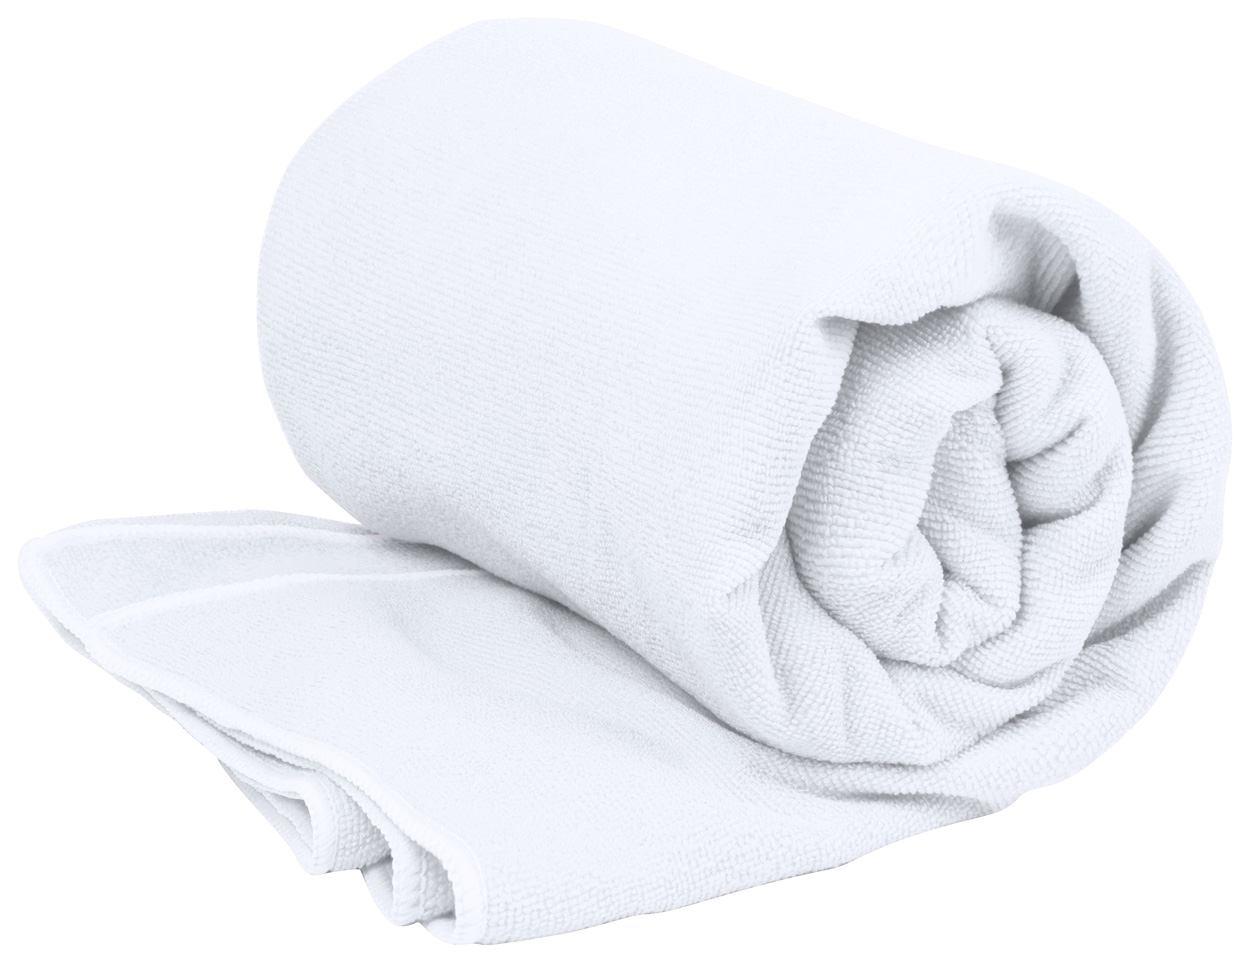 Bayalax absorbční ručník